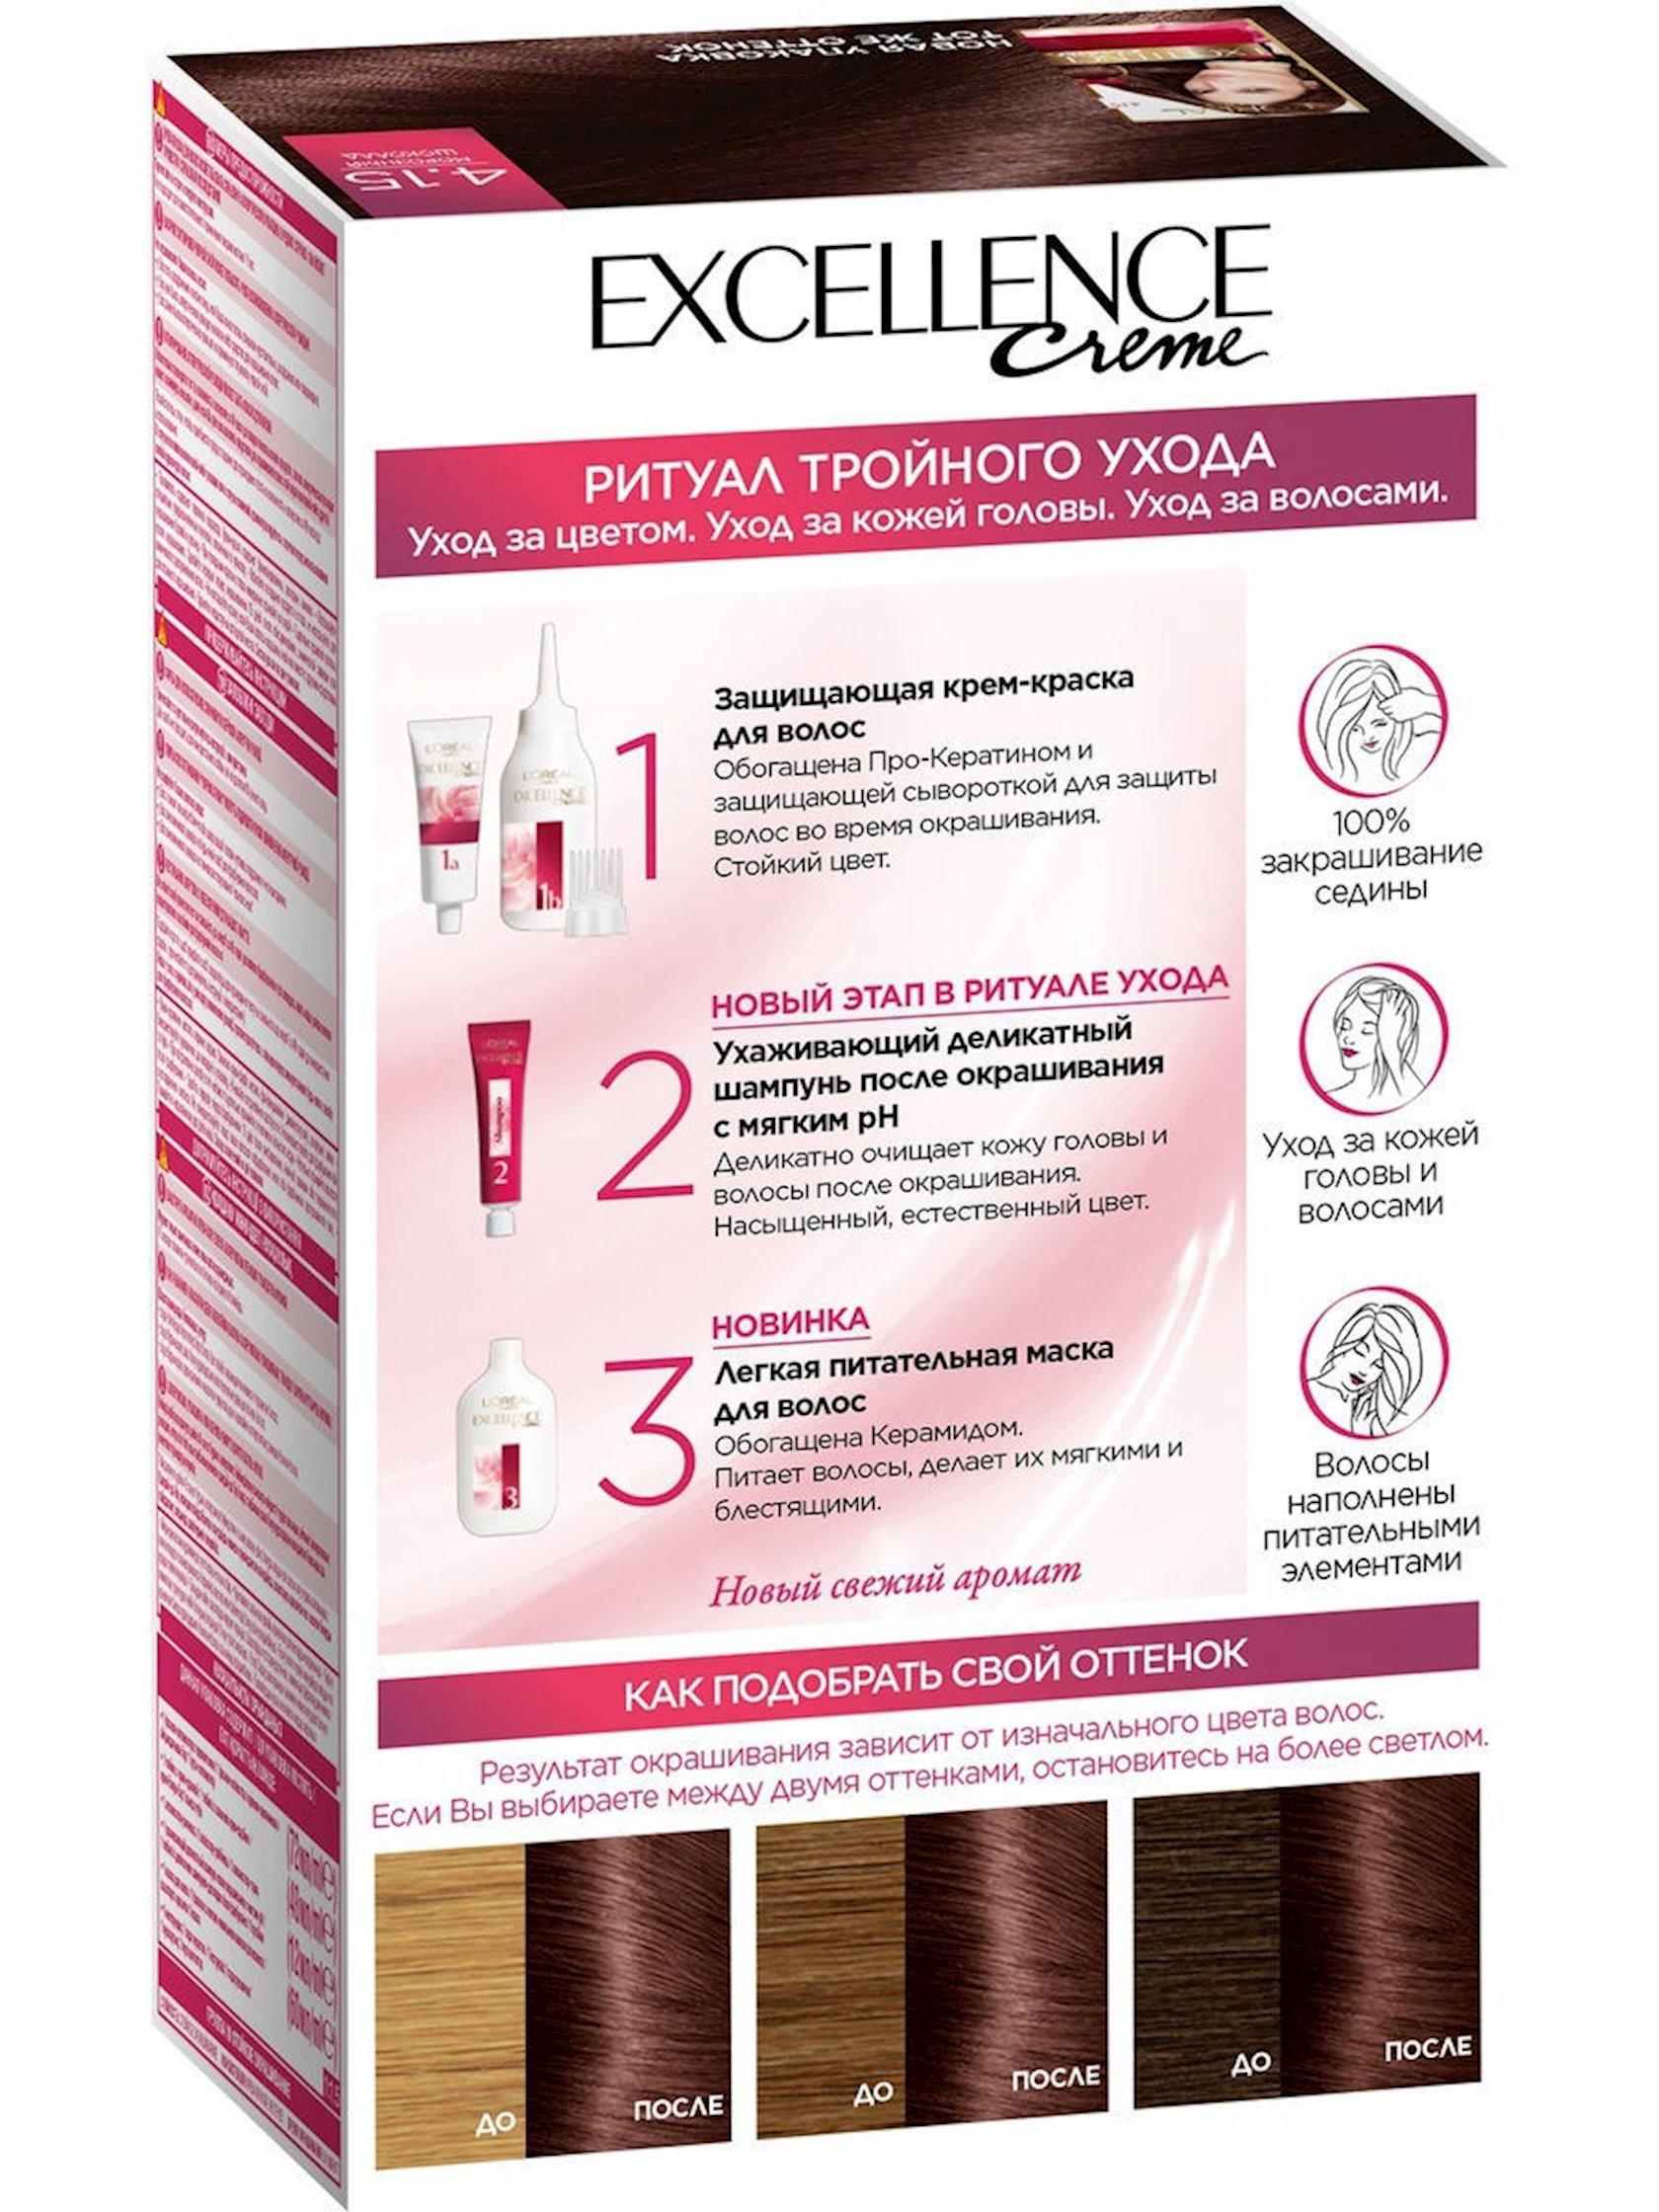 Davamlı krem-boya L'Oréal Paris Excellence Crème 4.15 Şaxtalı şokolad